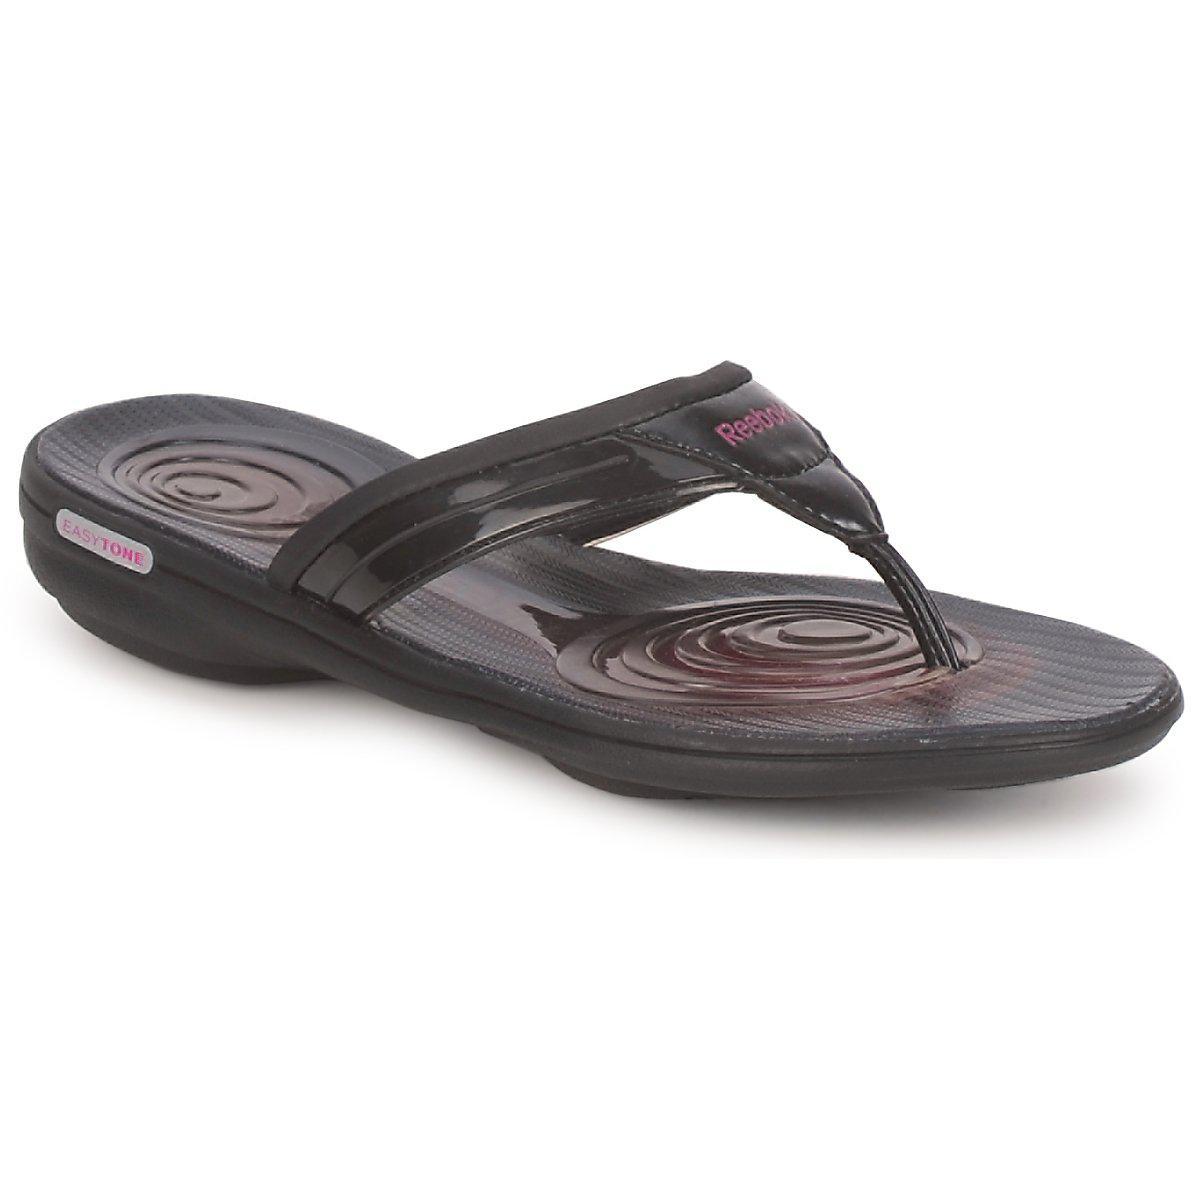 Reebok. Women s Black Easytone Plus Flip Flip Flops   Sandals (shoes) 6d6a06a37